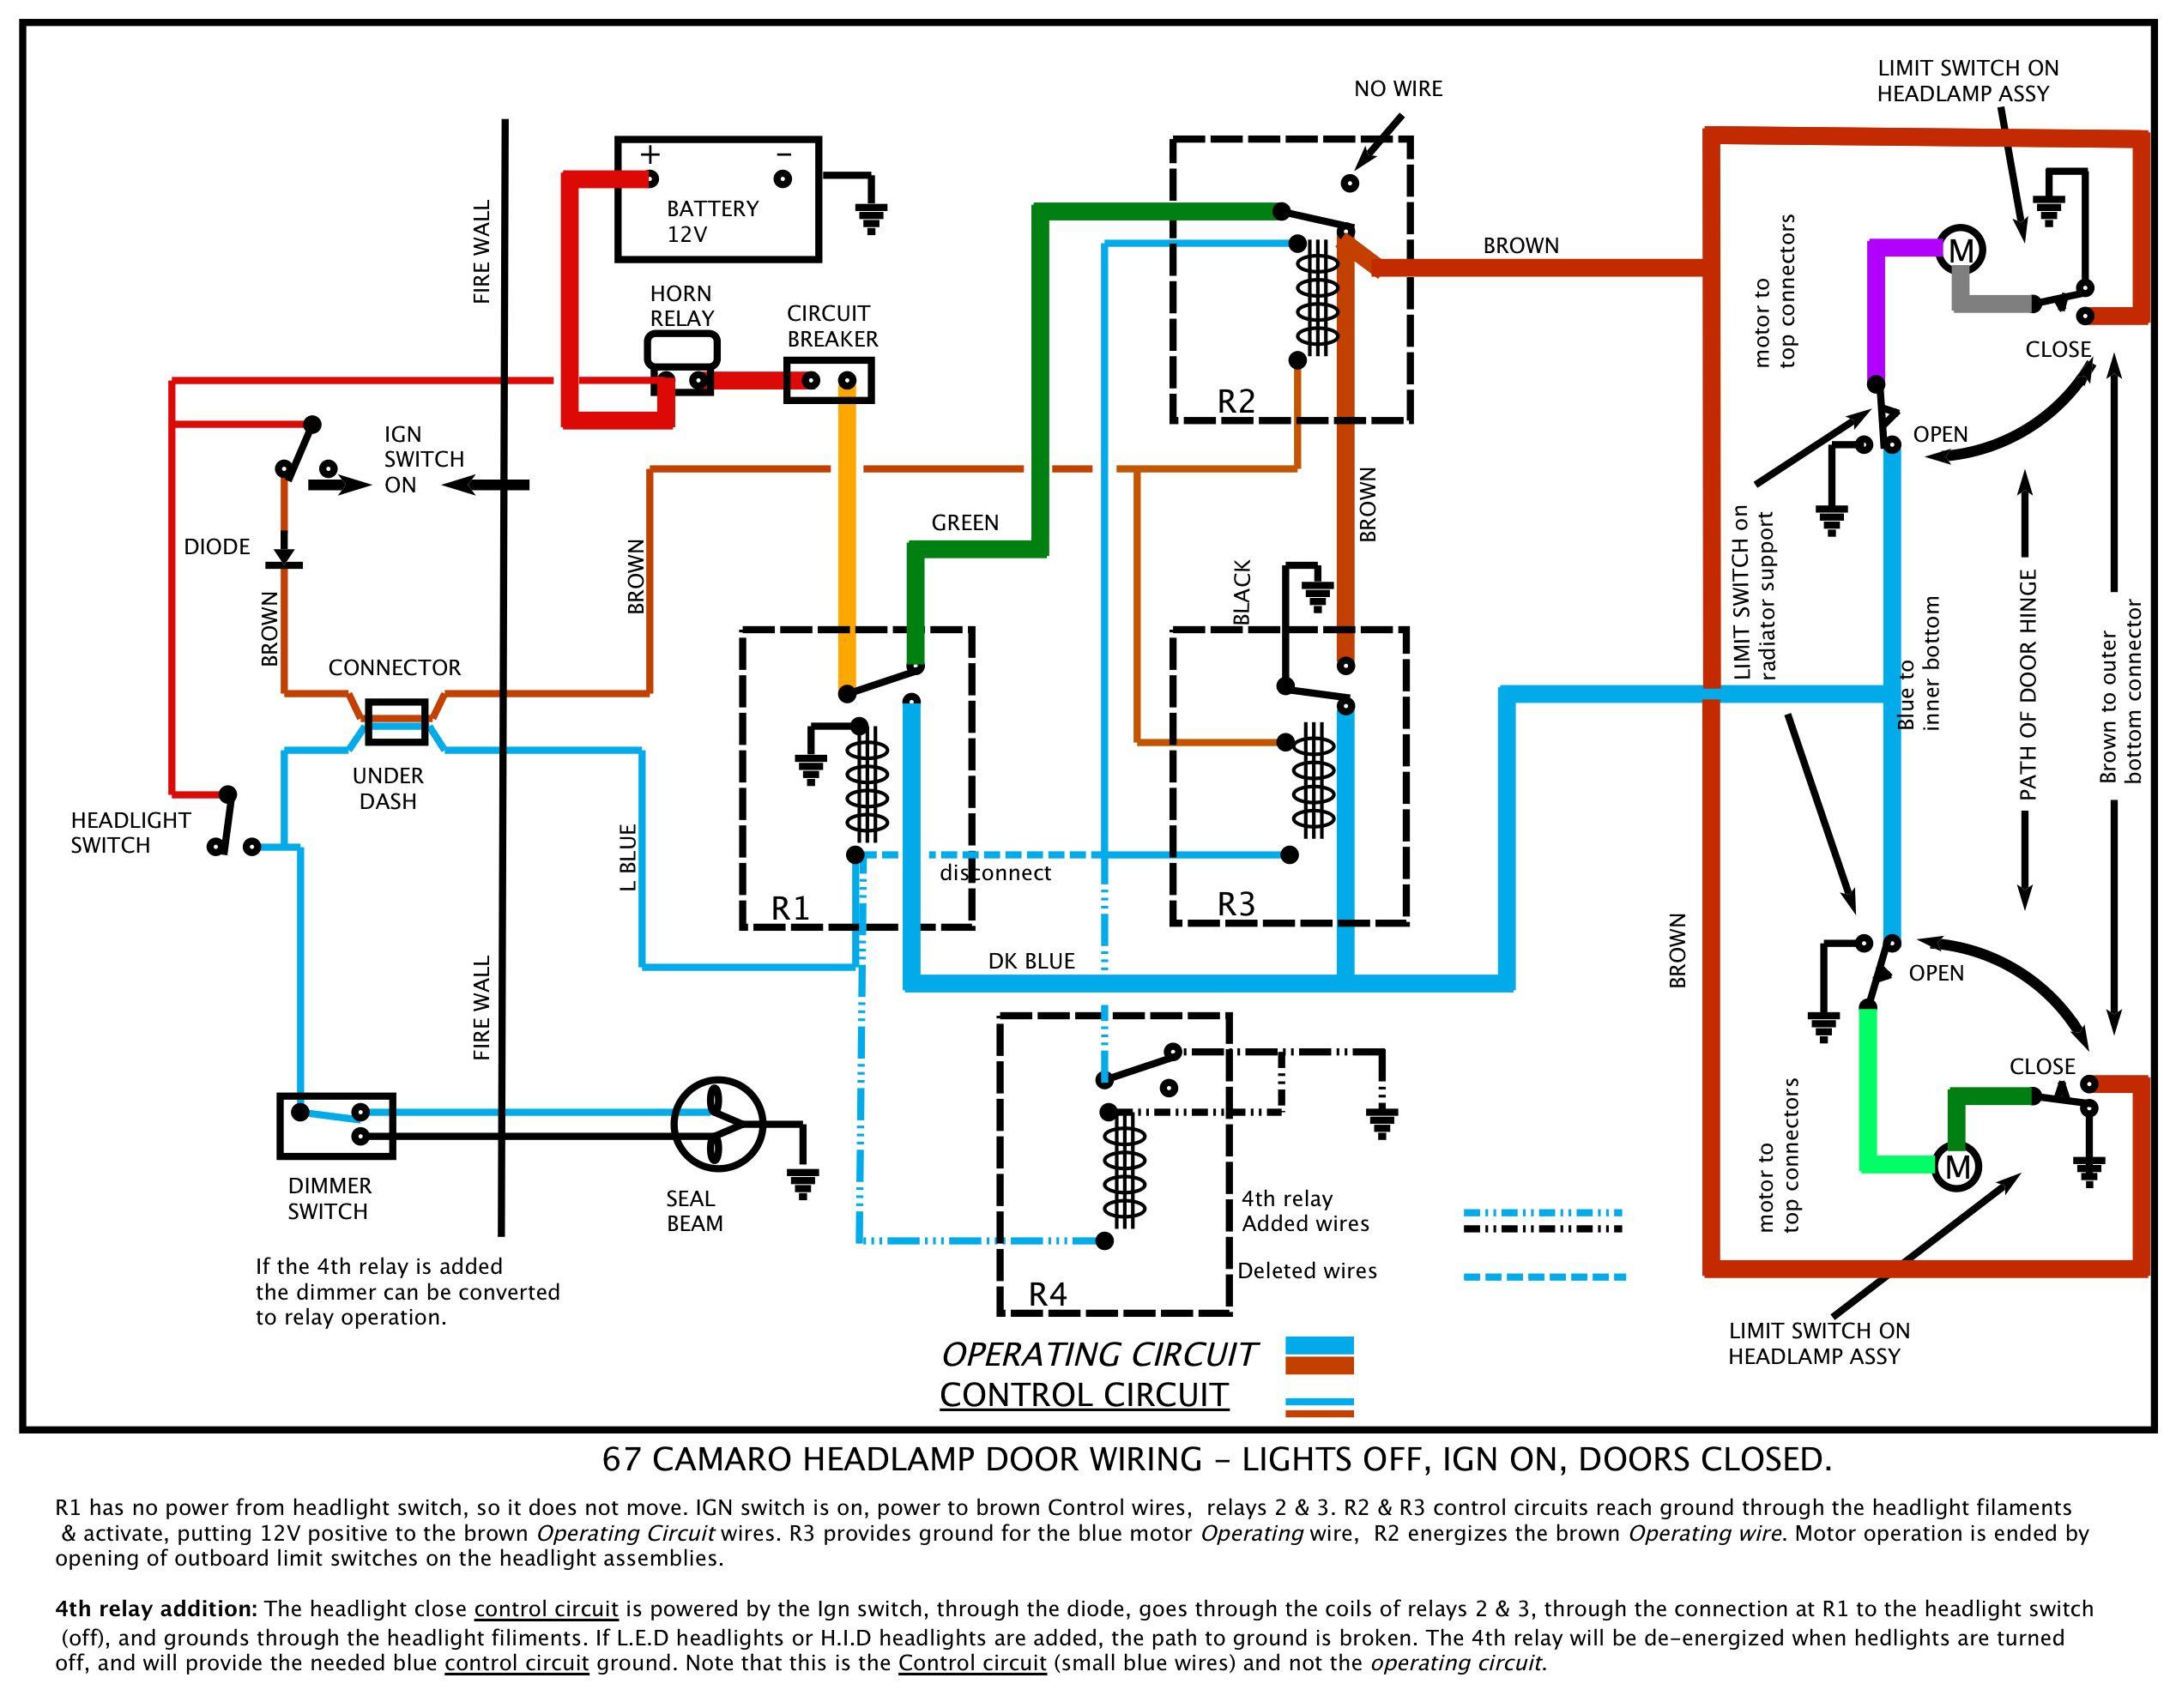 1967 chevelle ss wiring diagram schematic 1967 chevelle ss wiring diagram schematic wiring diagram data  1967 chevelle ss wiring diagram